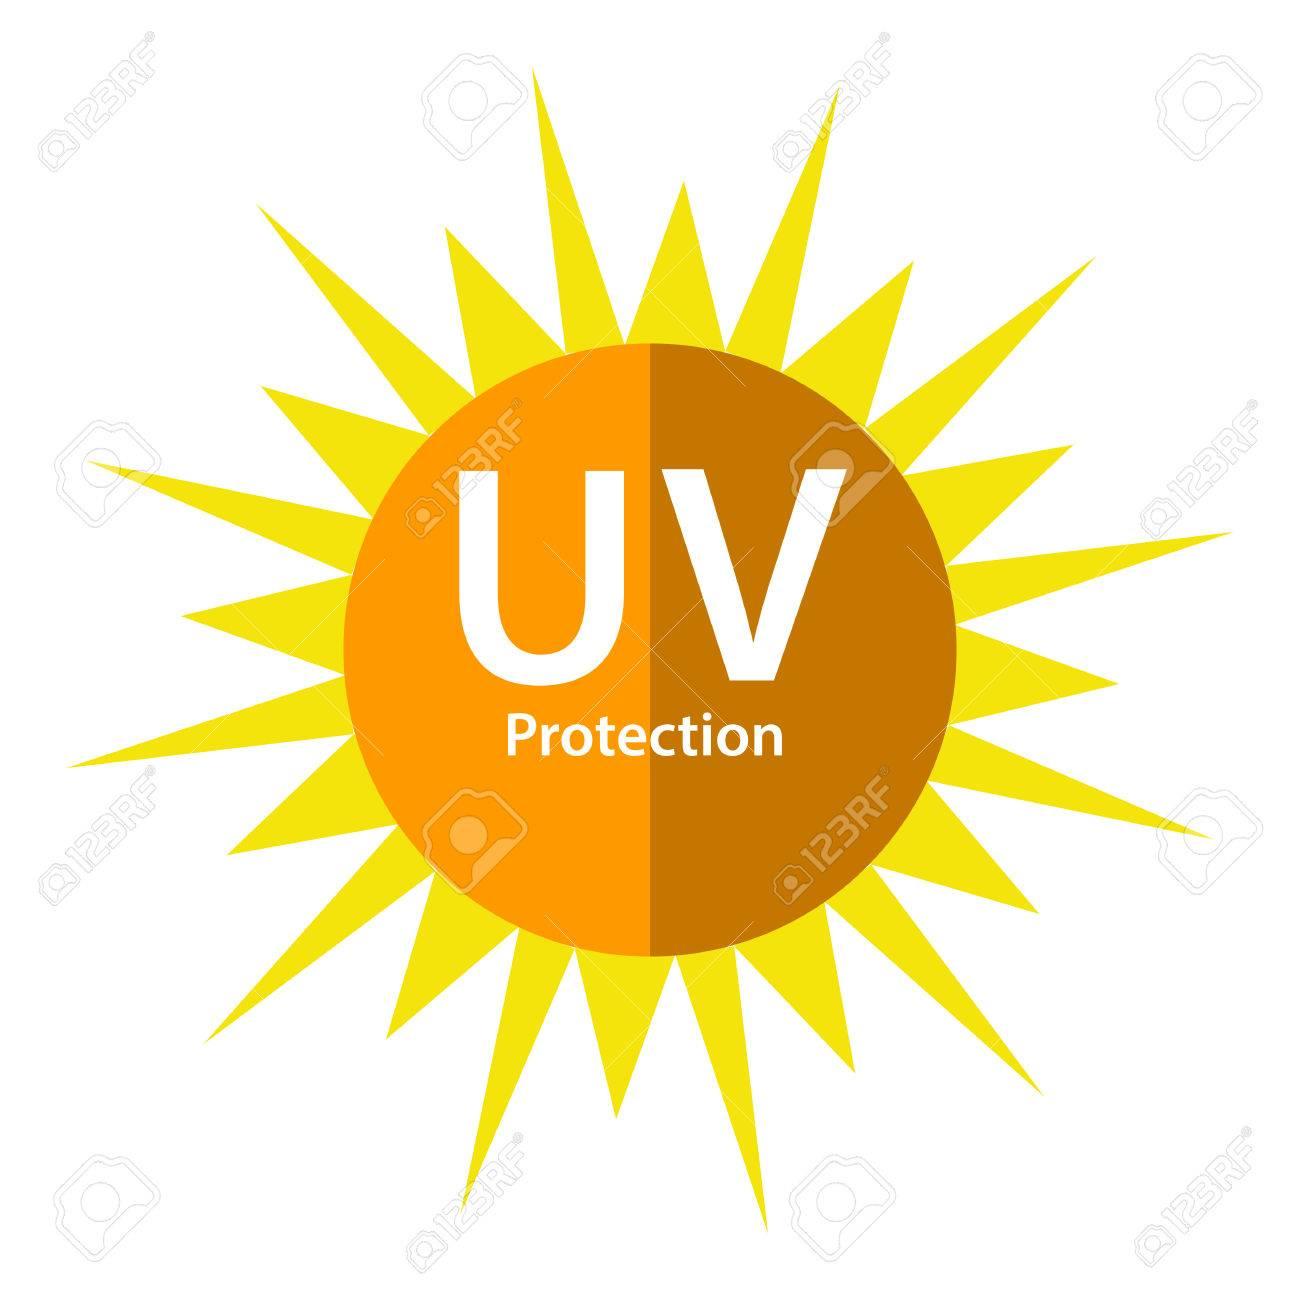 太陽のシンボルと uv 保護ロゴ ロイヤリティフリークリップアート